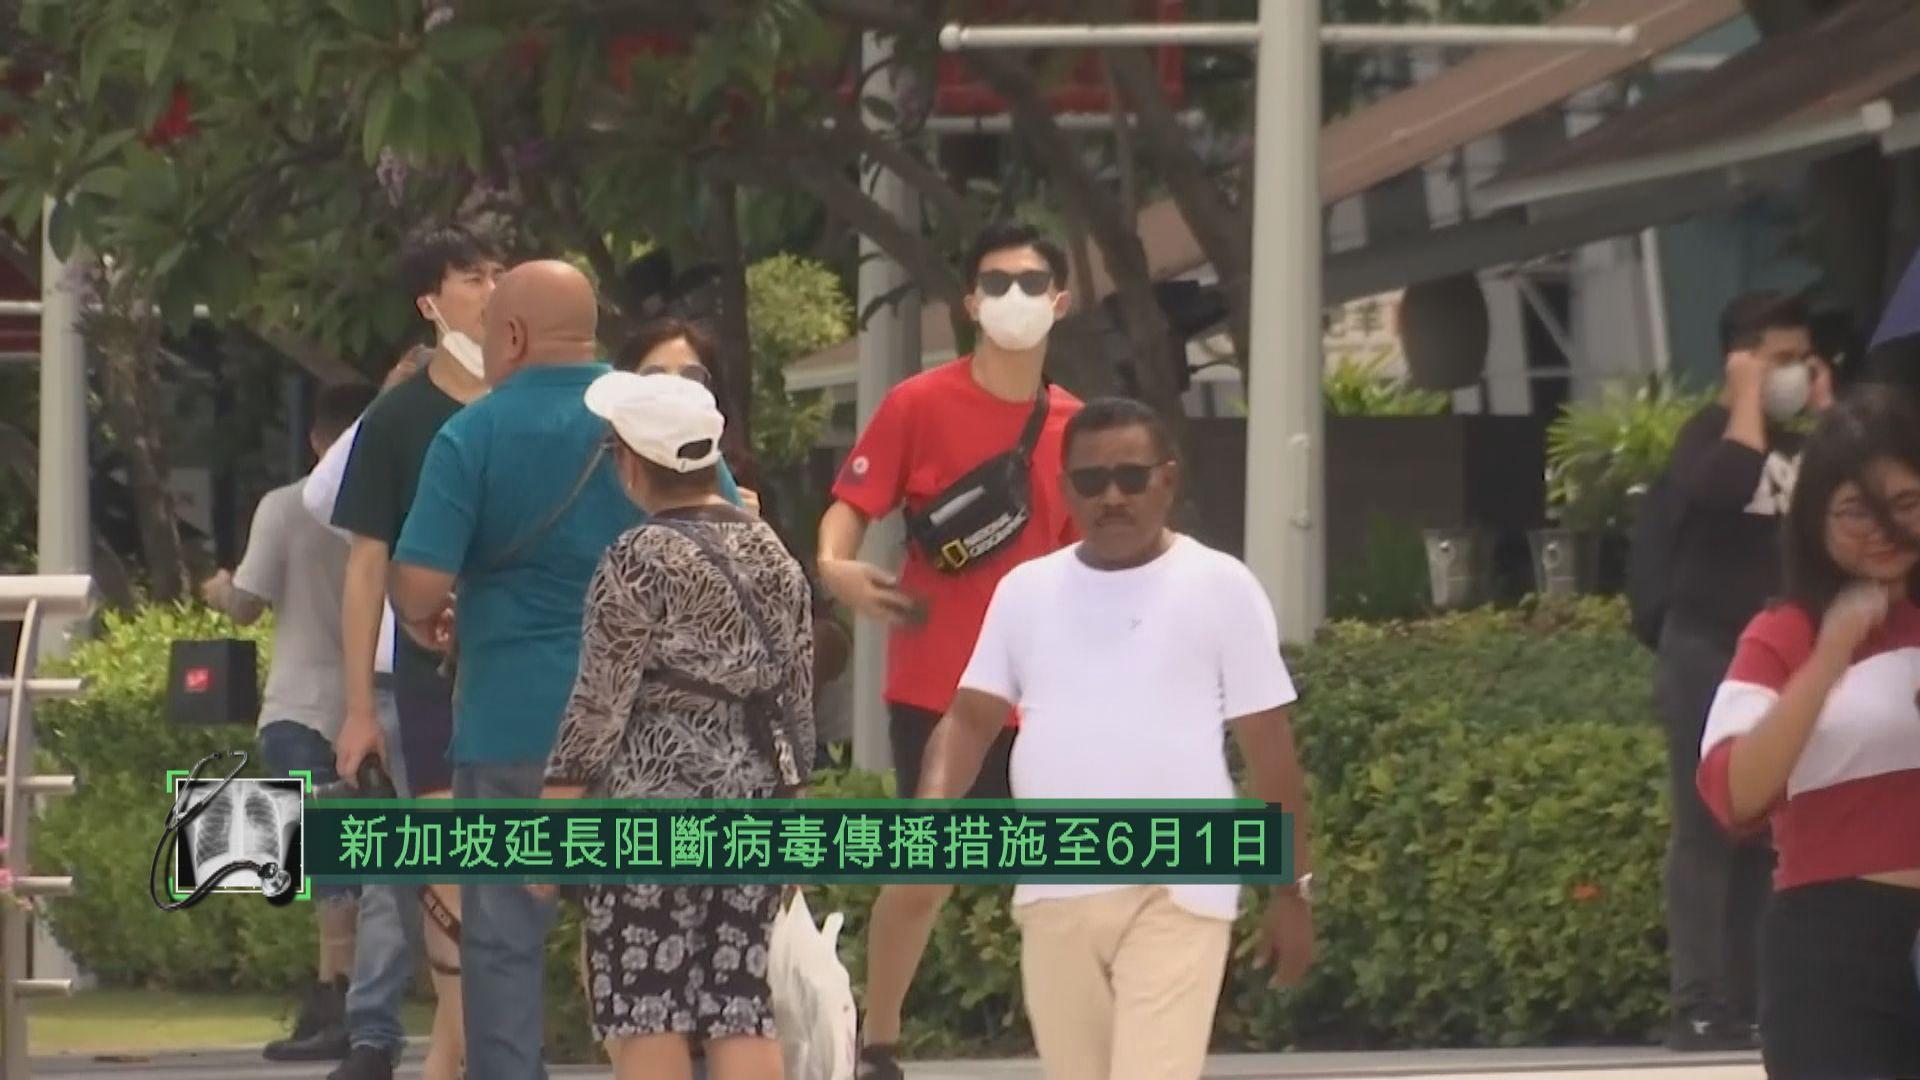 新加坡再增逾千確診 延長阻斷病毒傳播措施至6月